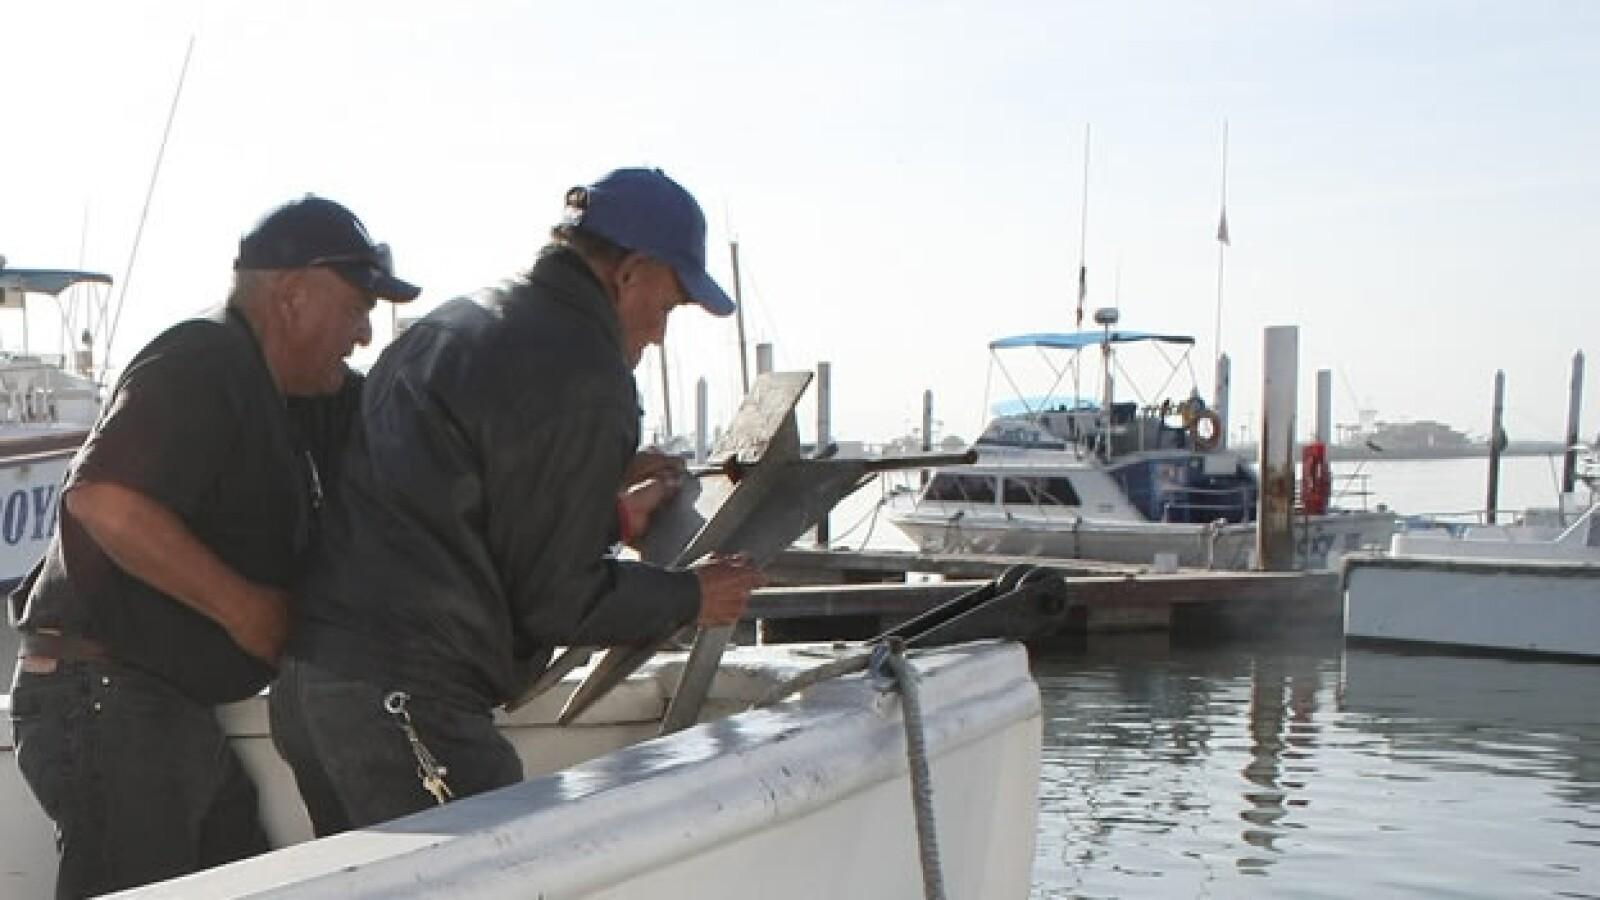 Dueños de embarcaciones en Ensenada toman precauciones ante alerta de tsunami